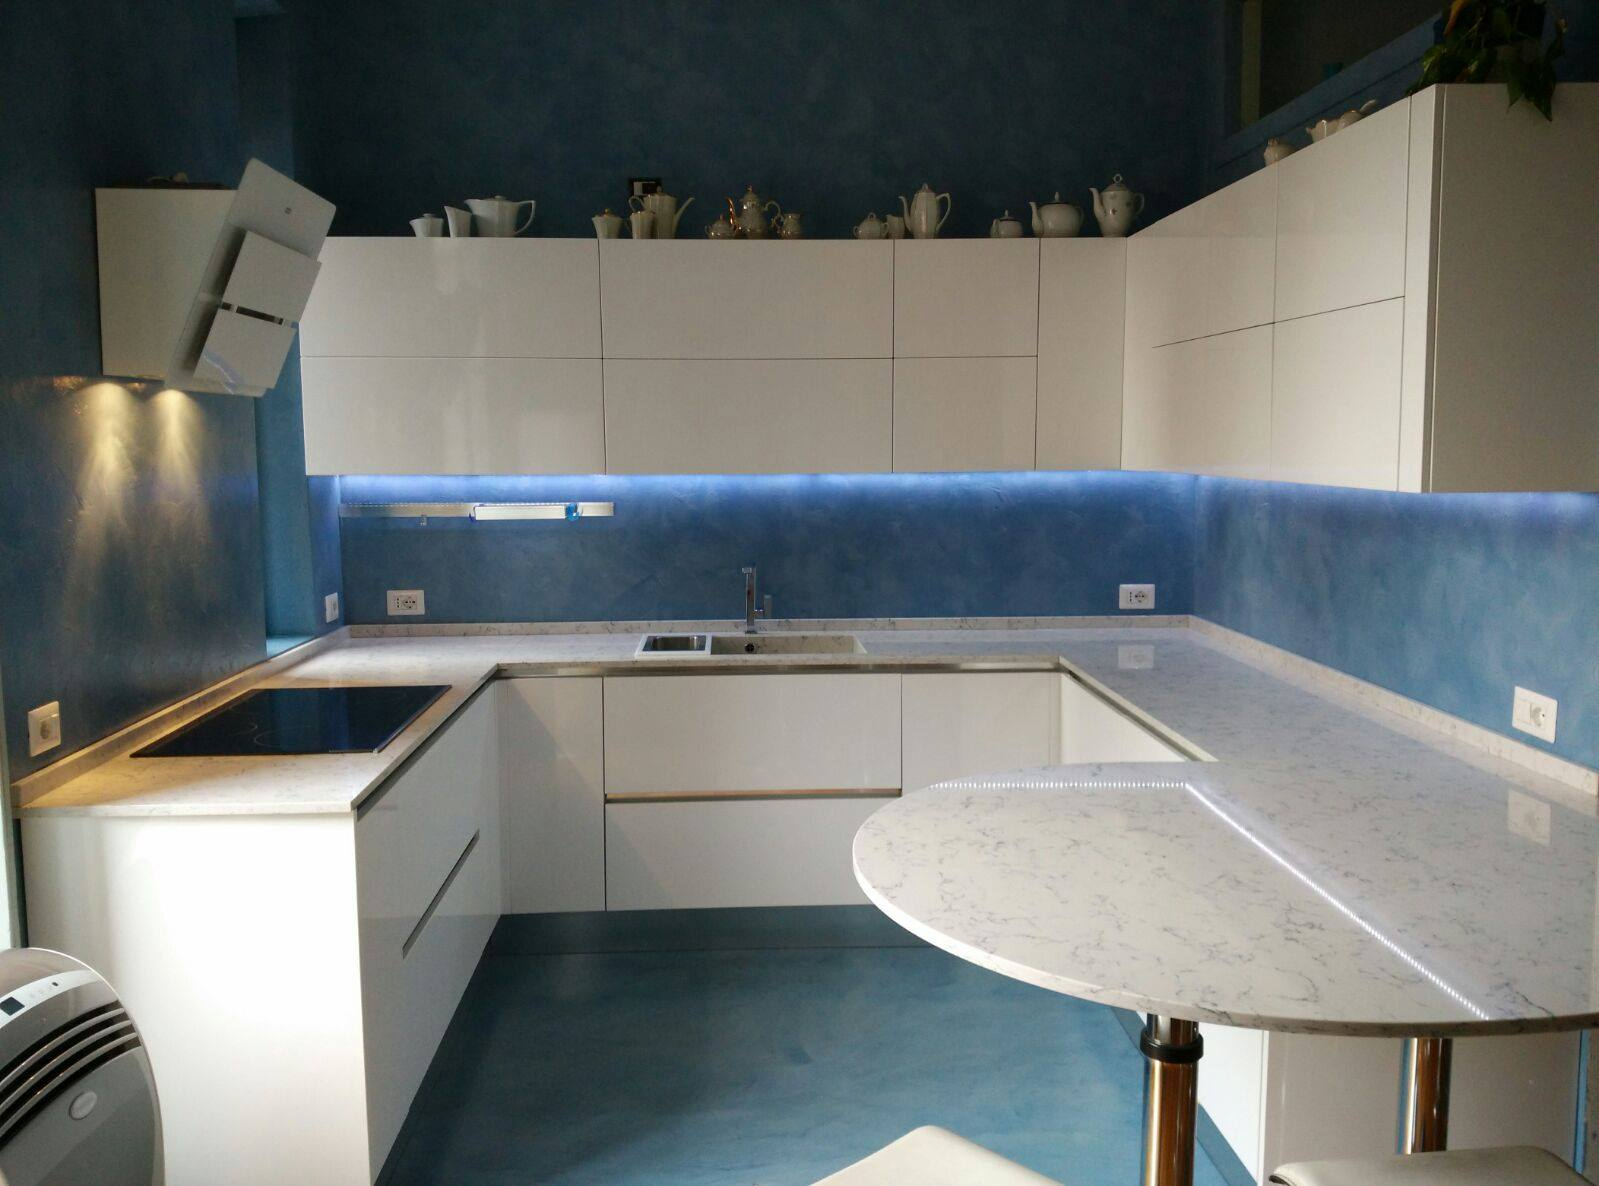 Resina cementizia pavimenti rivestimenti materie srl milano - Pavimenti bagno prezzi ...